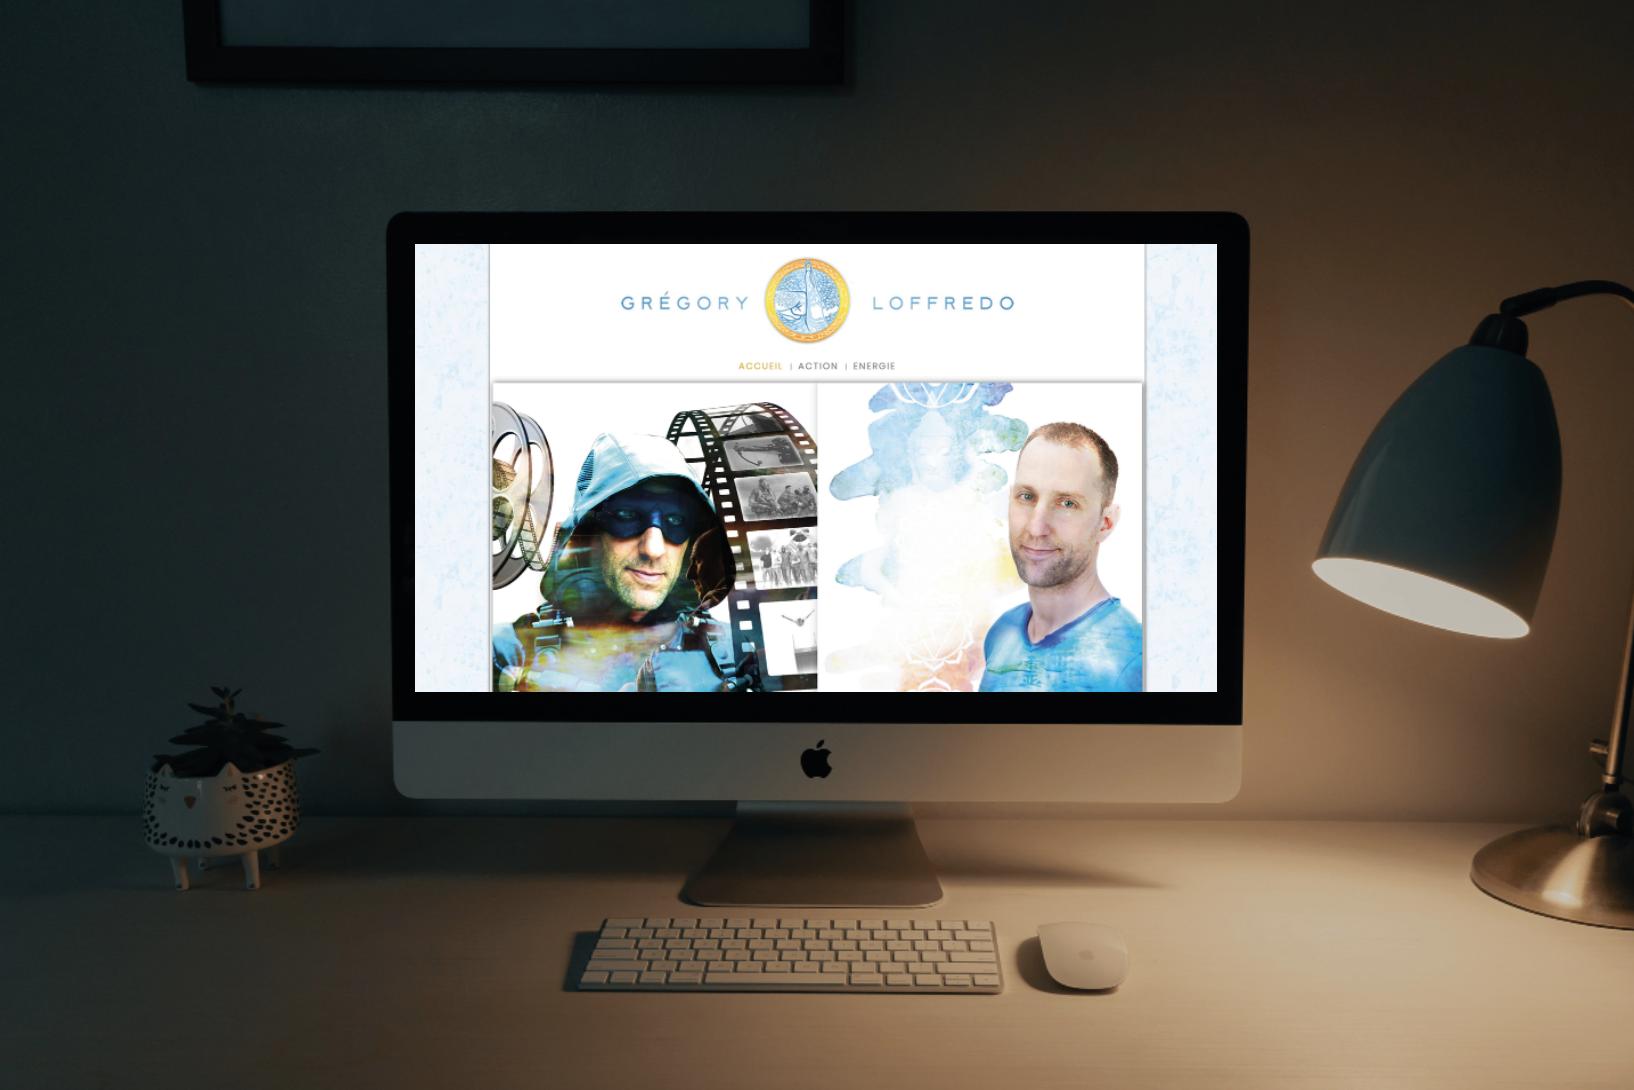 Inspir Communication création identité de marque et site internet de Gregory Loffredo